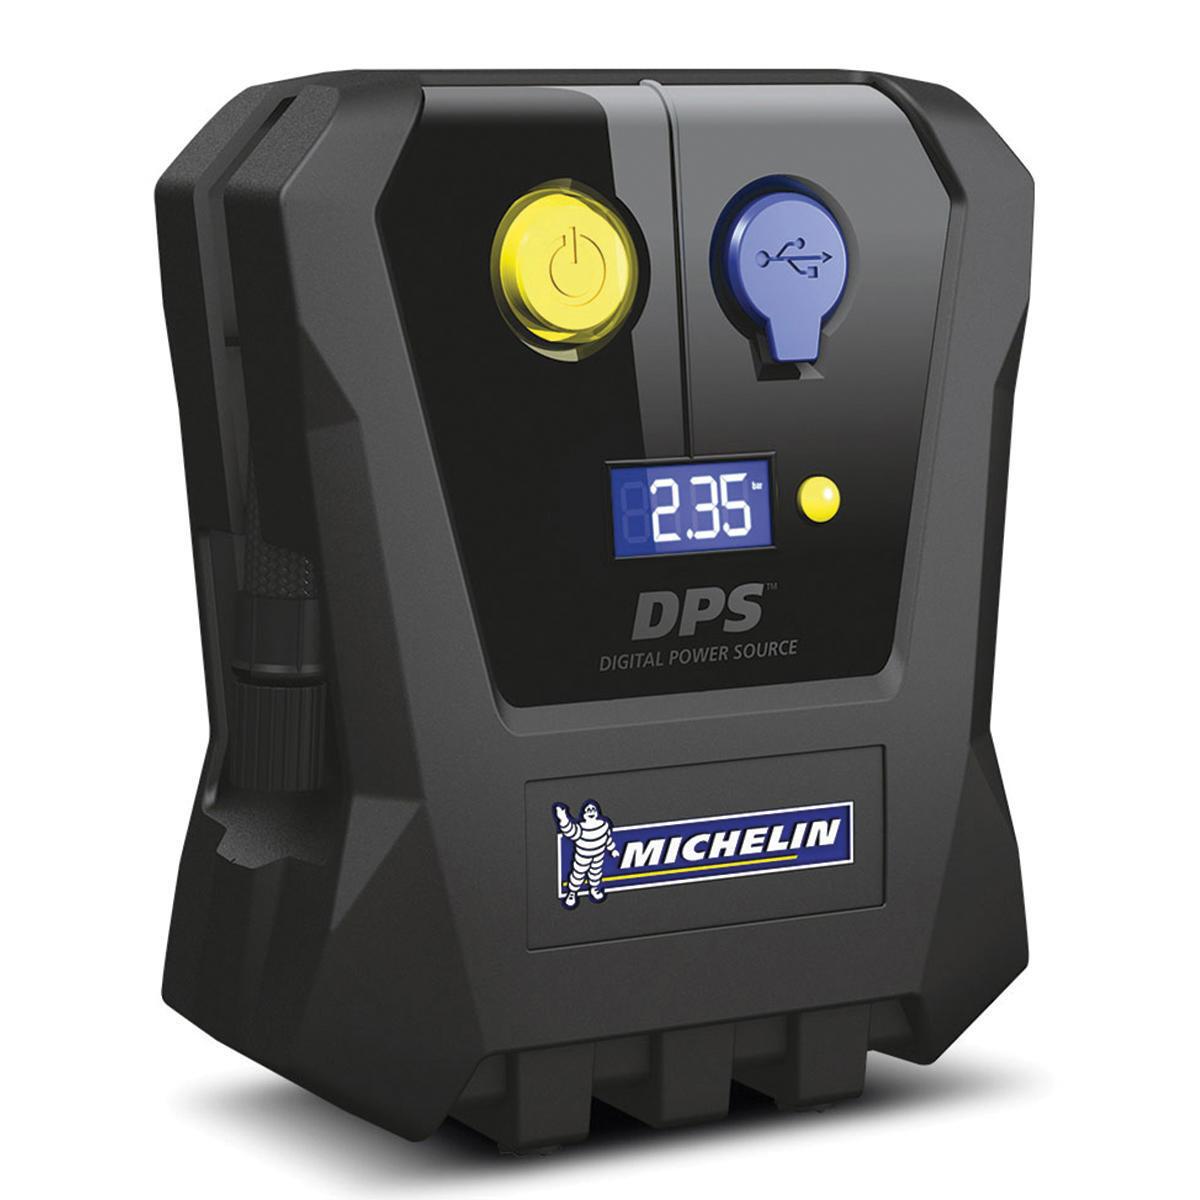 Compressore MICHELIN per auto 9518, 0.06 hp, 3.5 bar, 6 L - 3